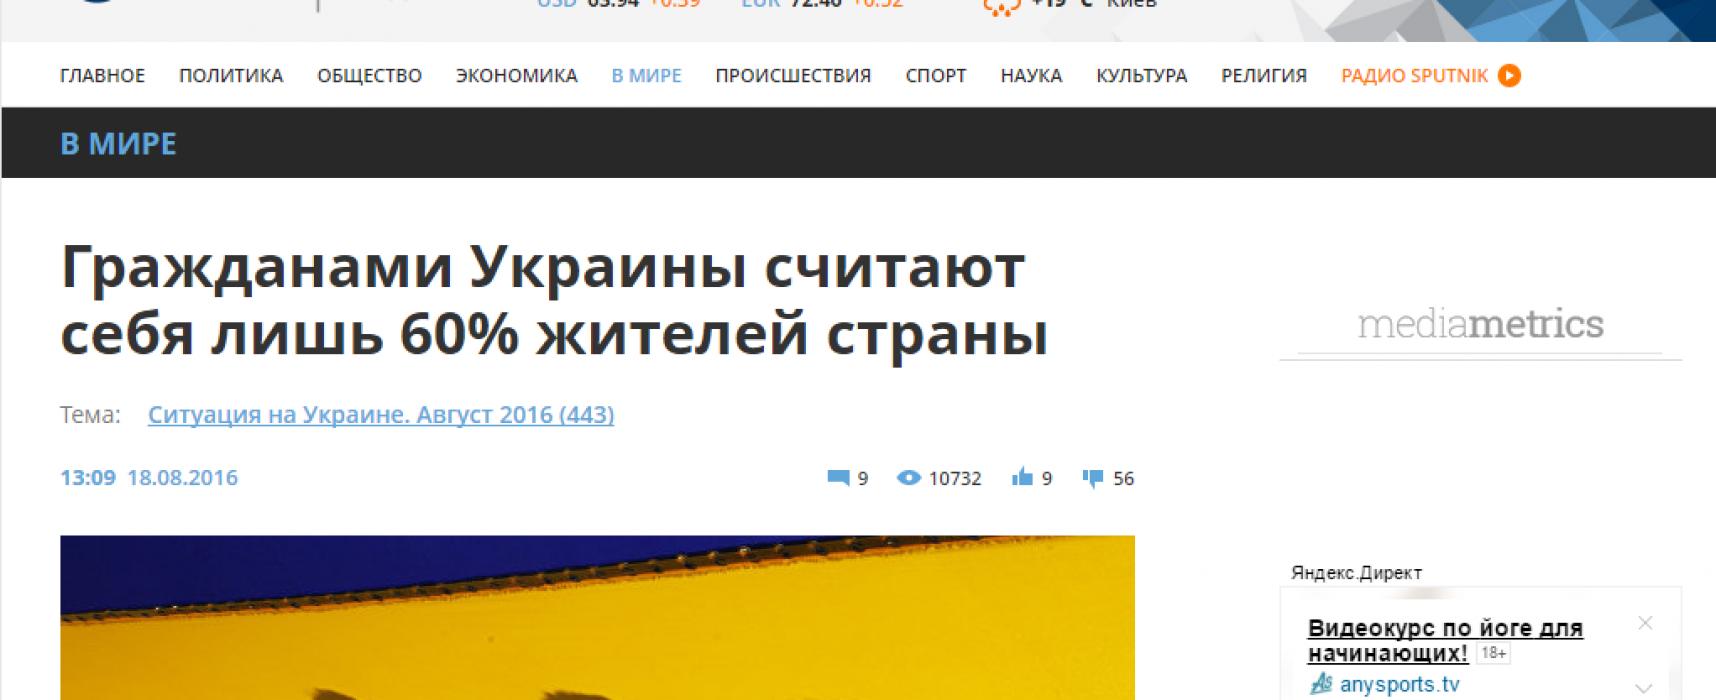 Российские СМИ исказили результаты соцопроса ко Дню Независимости Украины